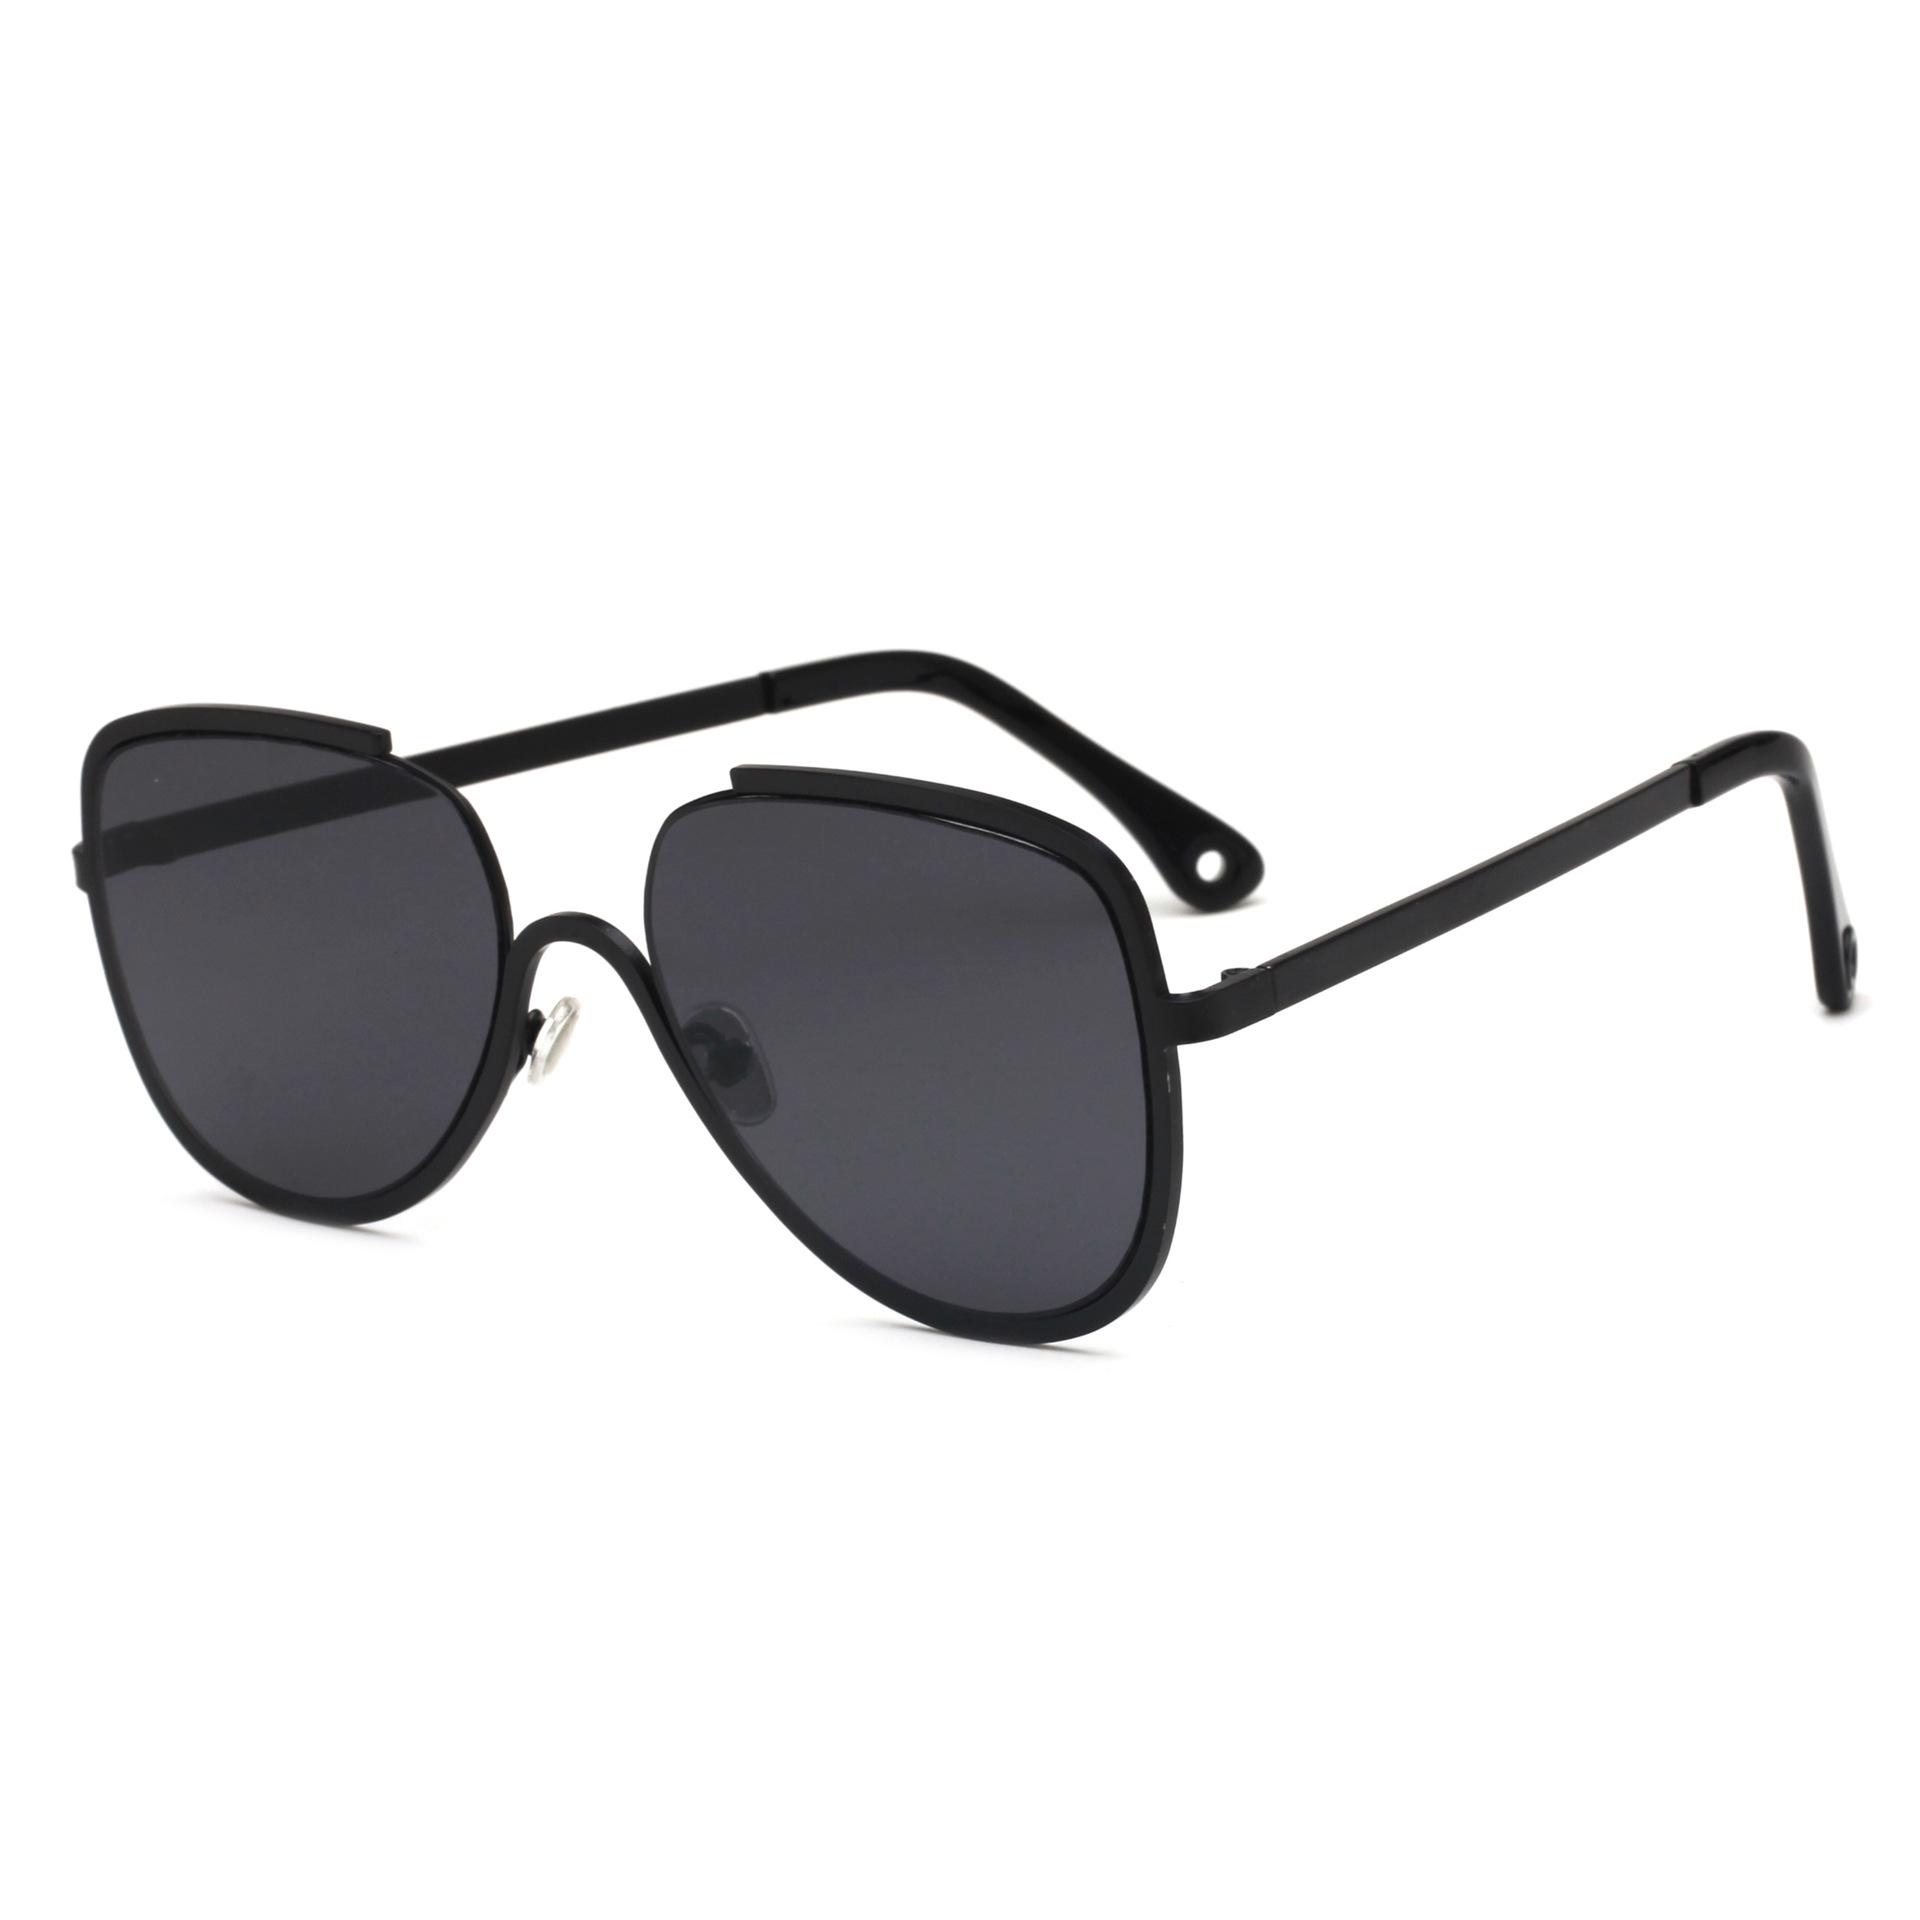 Màu ống kính:C1 nửa mờ đen xám đầy đủ